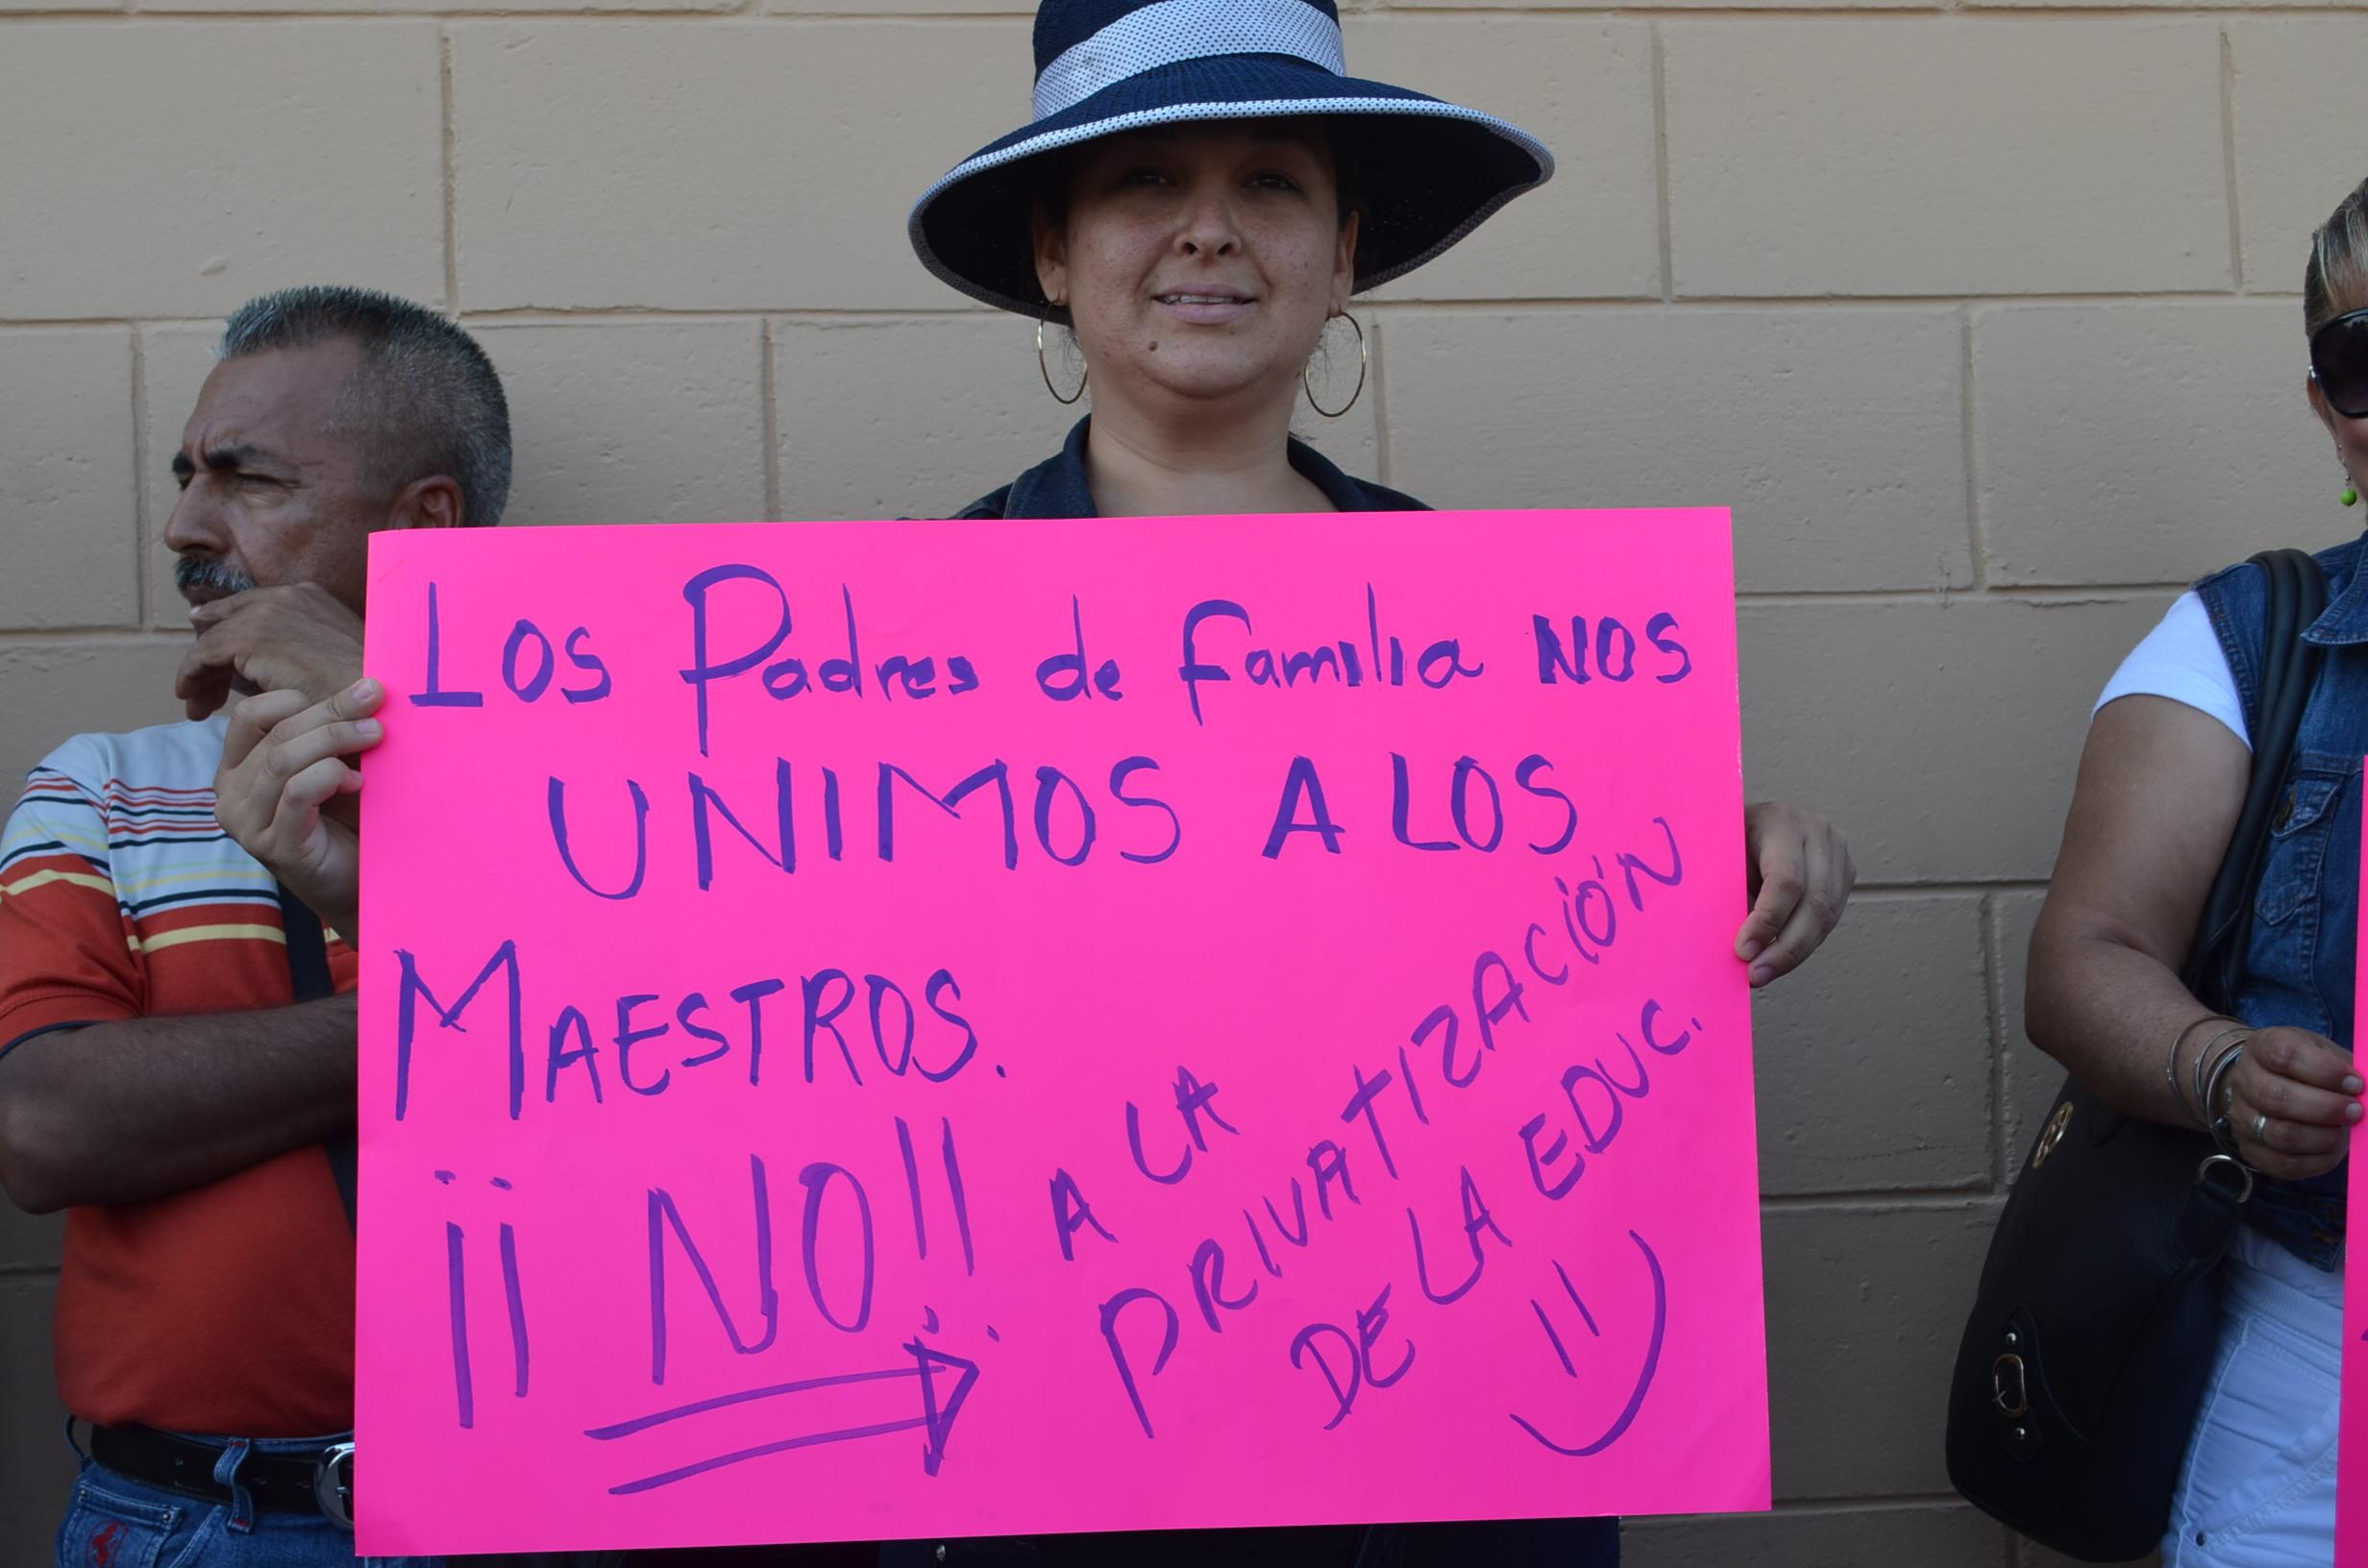 Padres de familia se oponen a la reforma educativa. Fotografía: Gabriela Sánchez